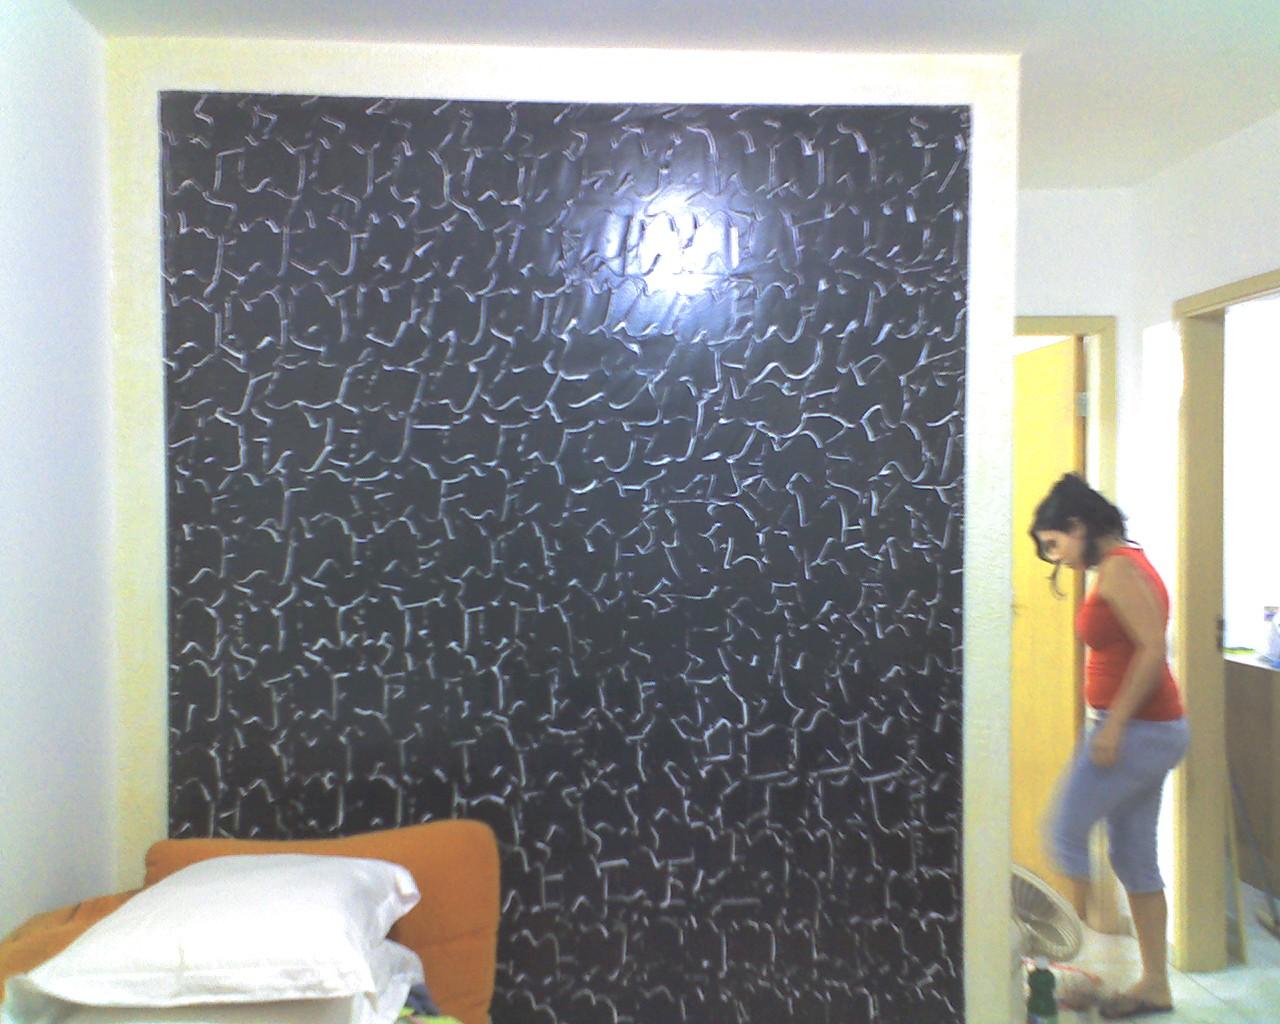 Pinthar pinturas decorativas pinturas decorativas - Pinturas decorativas paredes ...